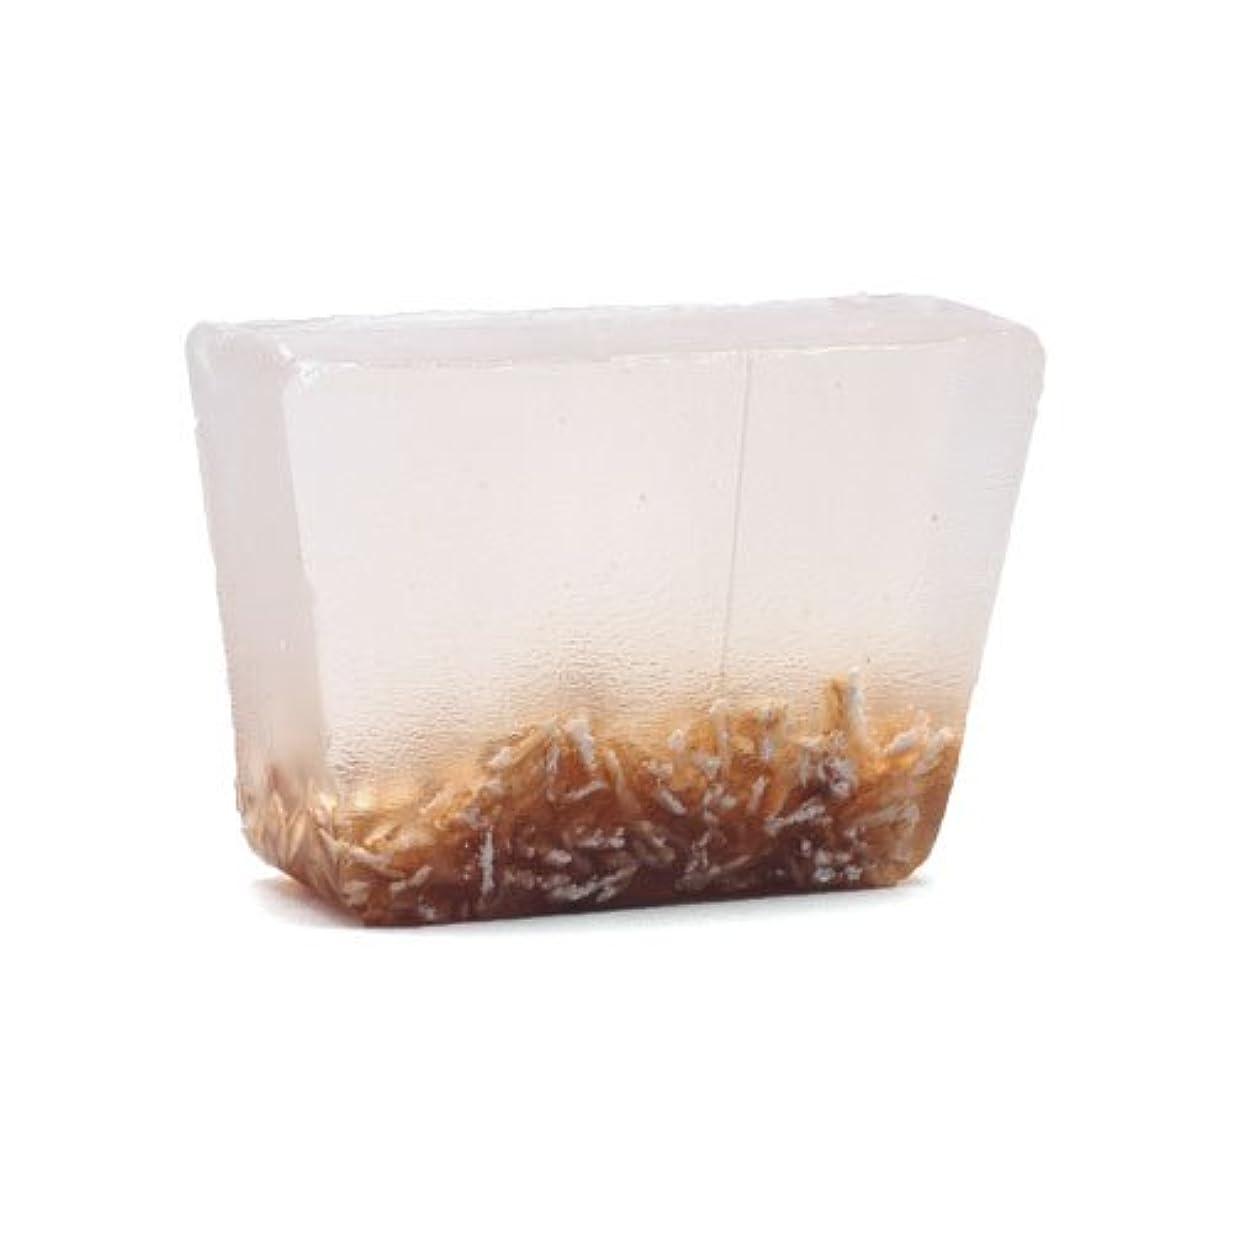 レディパテ除外するプライモールエレメンツ アロマティック ミニソープ ラベンダーオートミール 80g 植物性 ナチュラル 石鹸 無添加